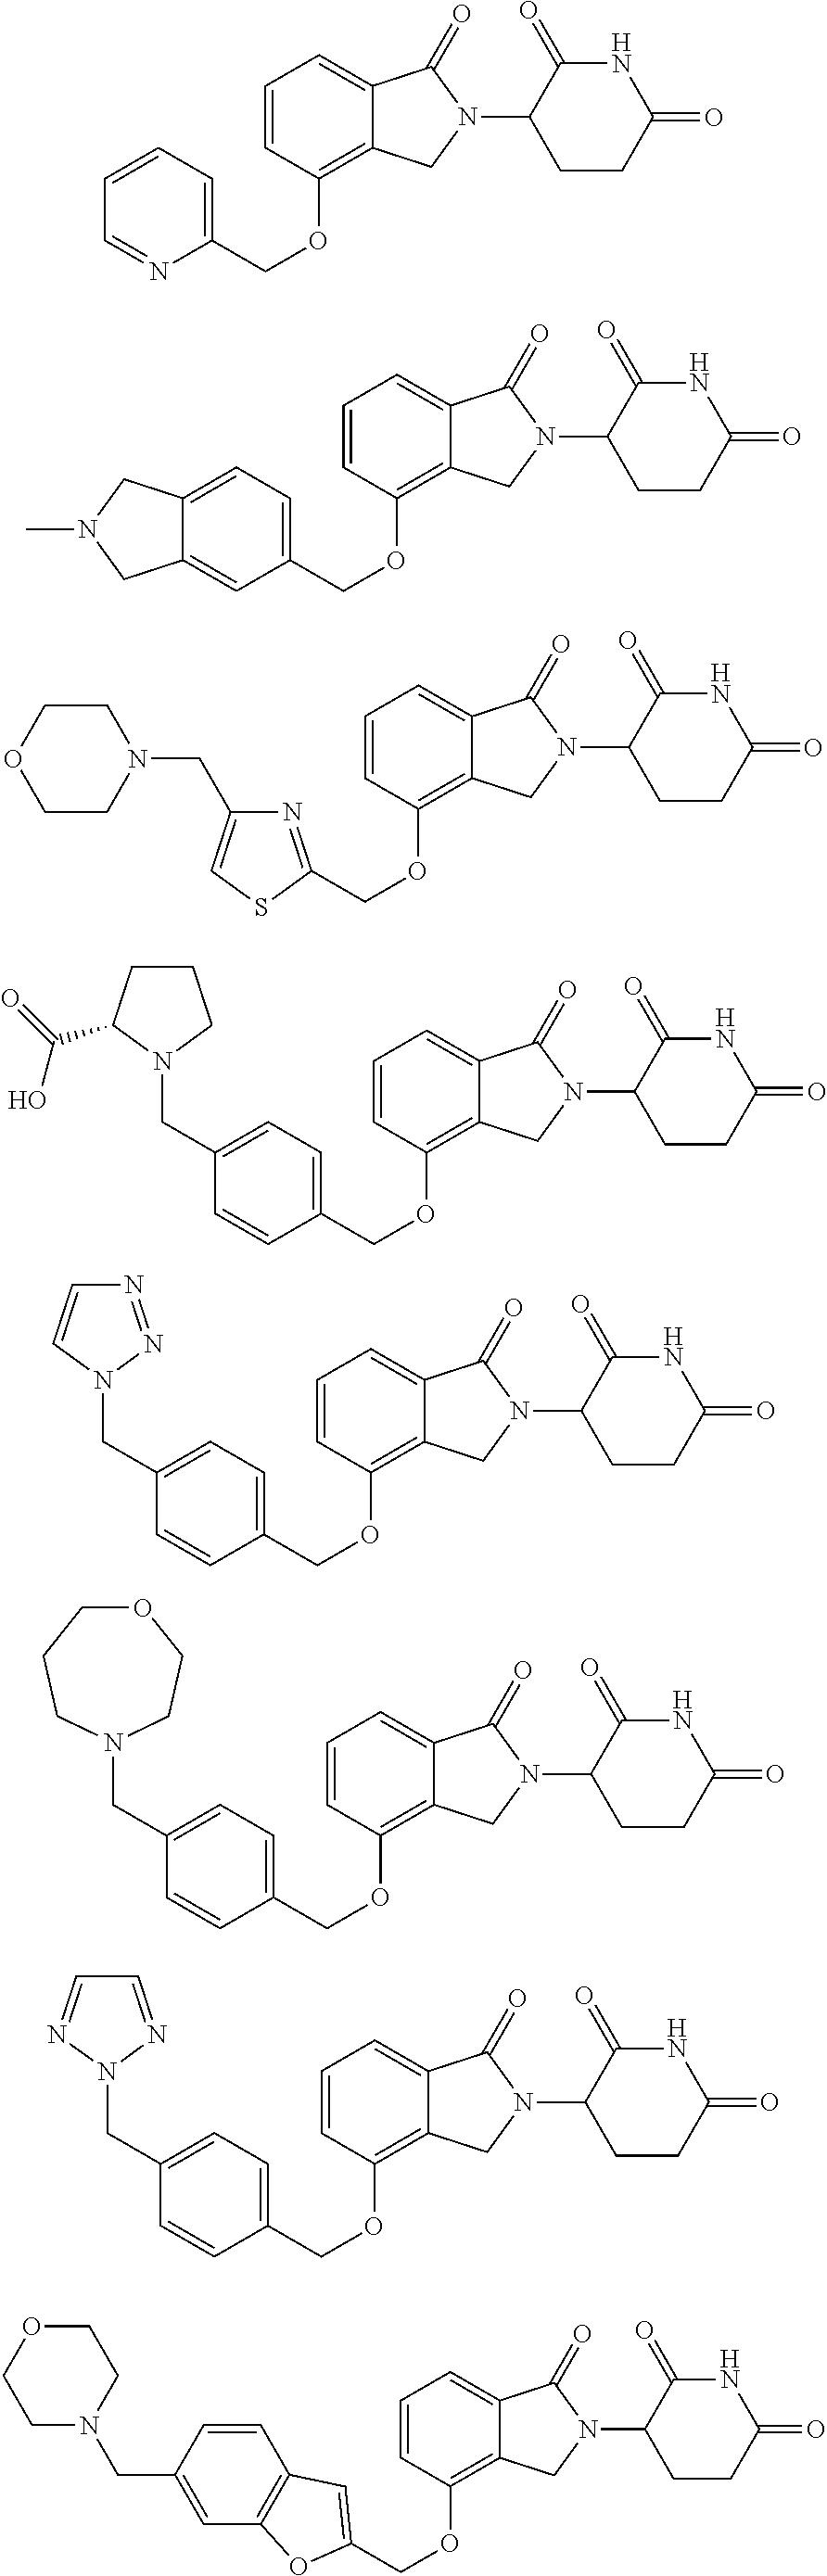 Figure US09822094-20171121-C00006